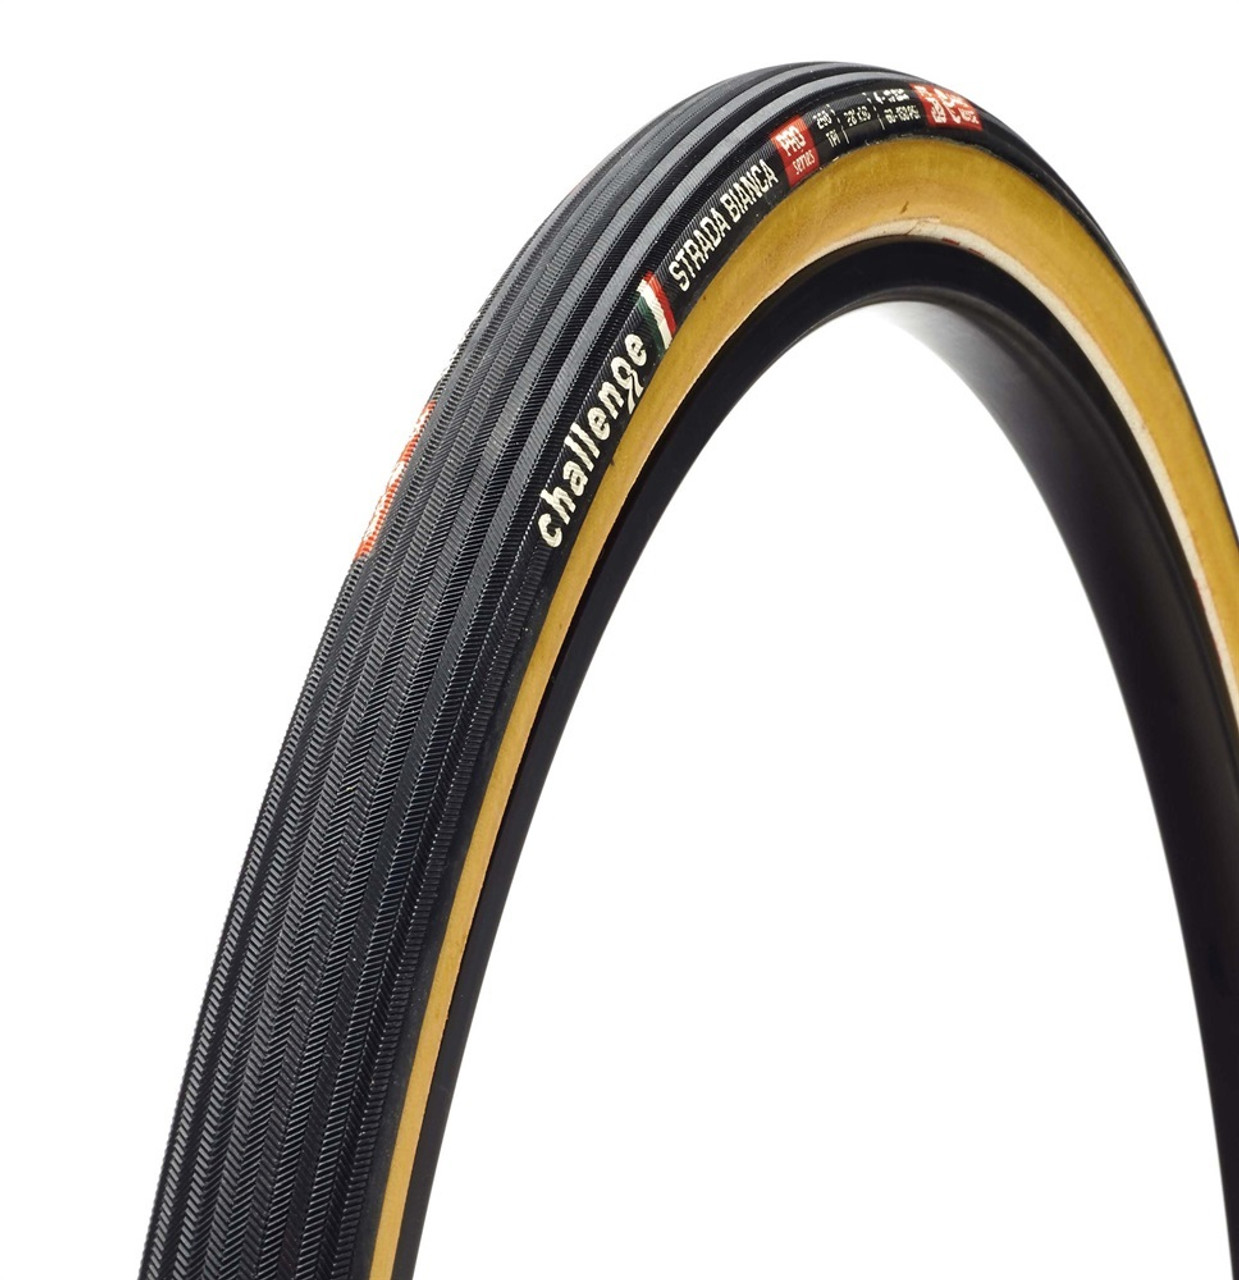 Challenge Strada Bianca Pro Cyclocross/Gravel Clincher Tyre In Tan 700 x 30